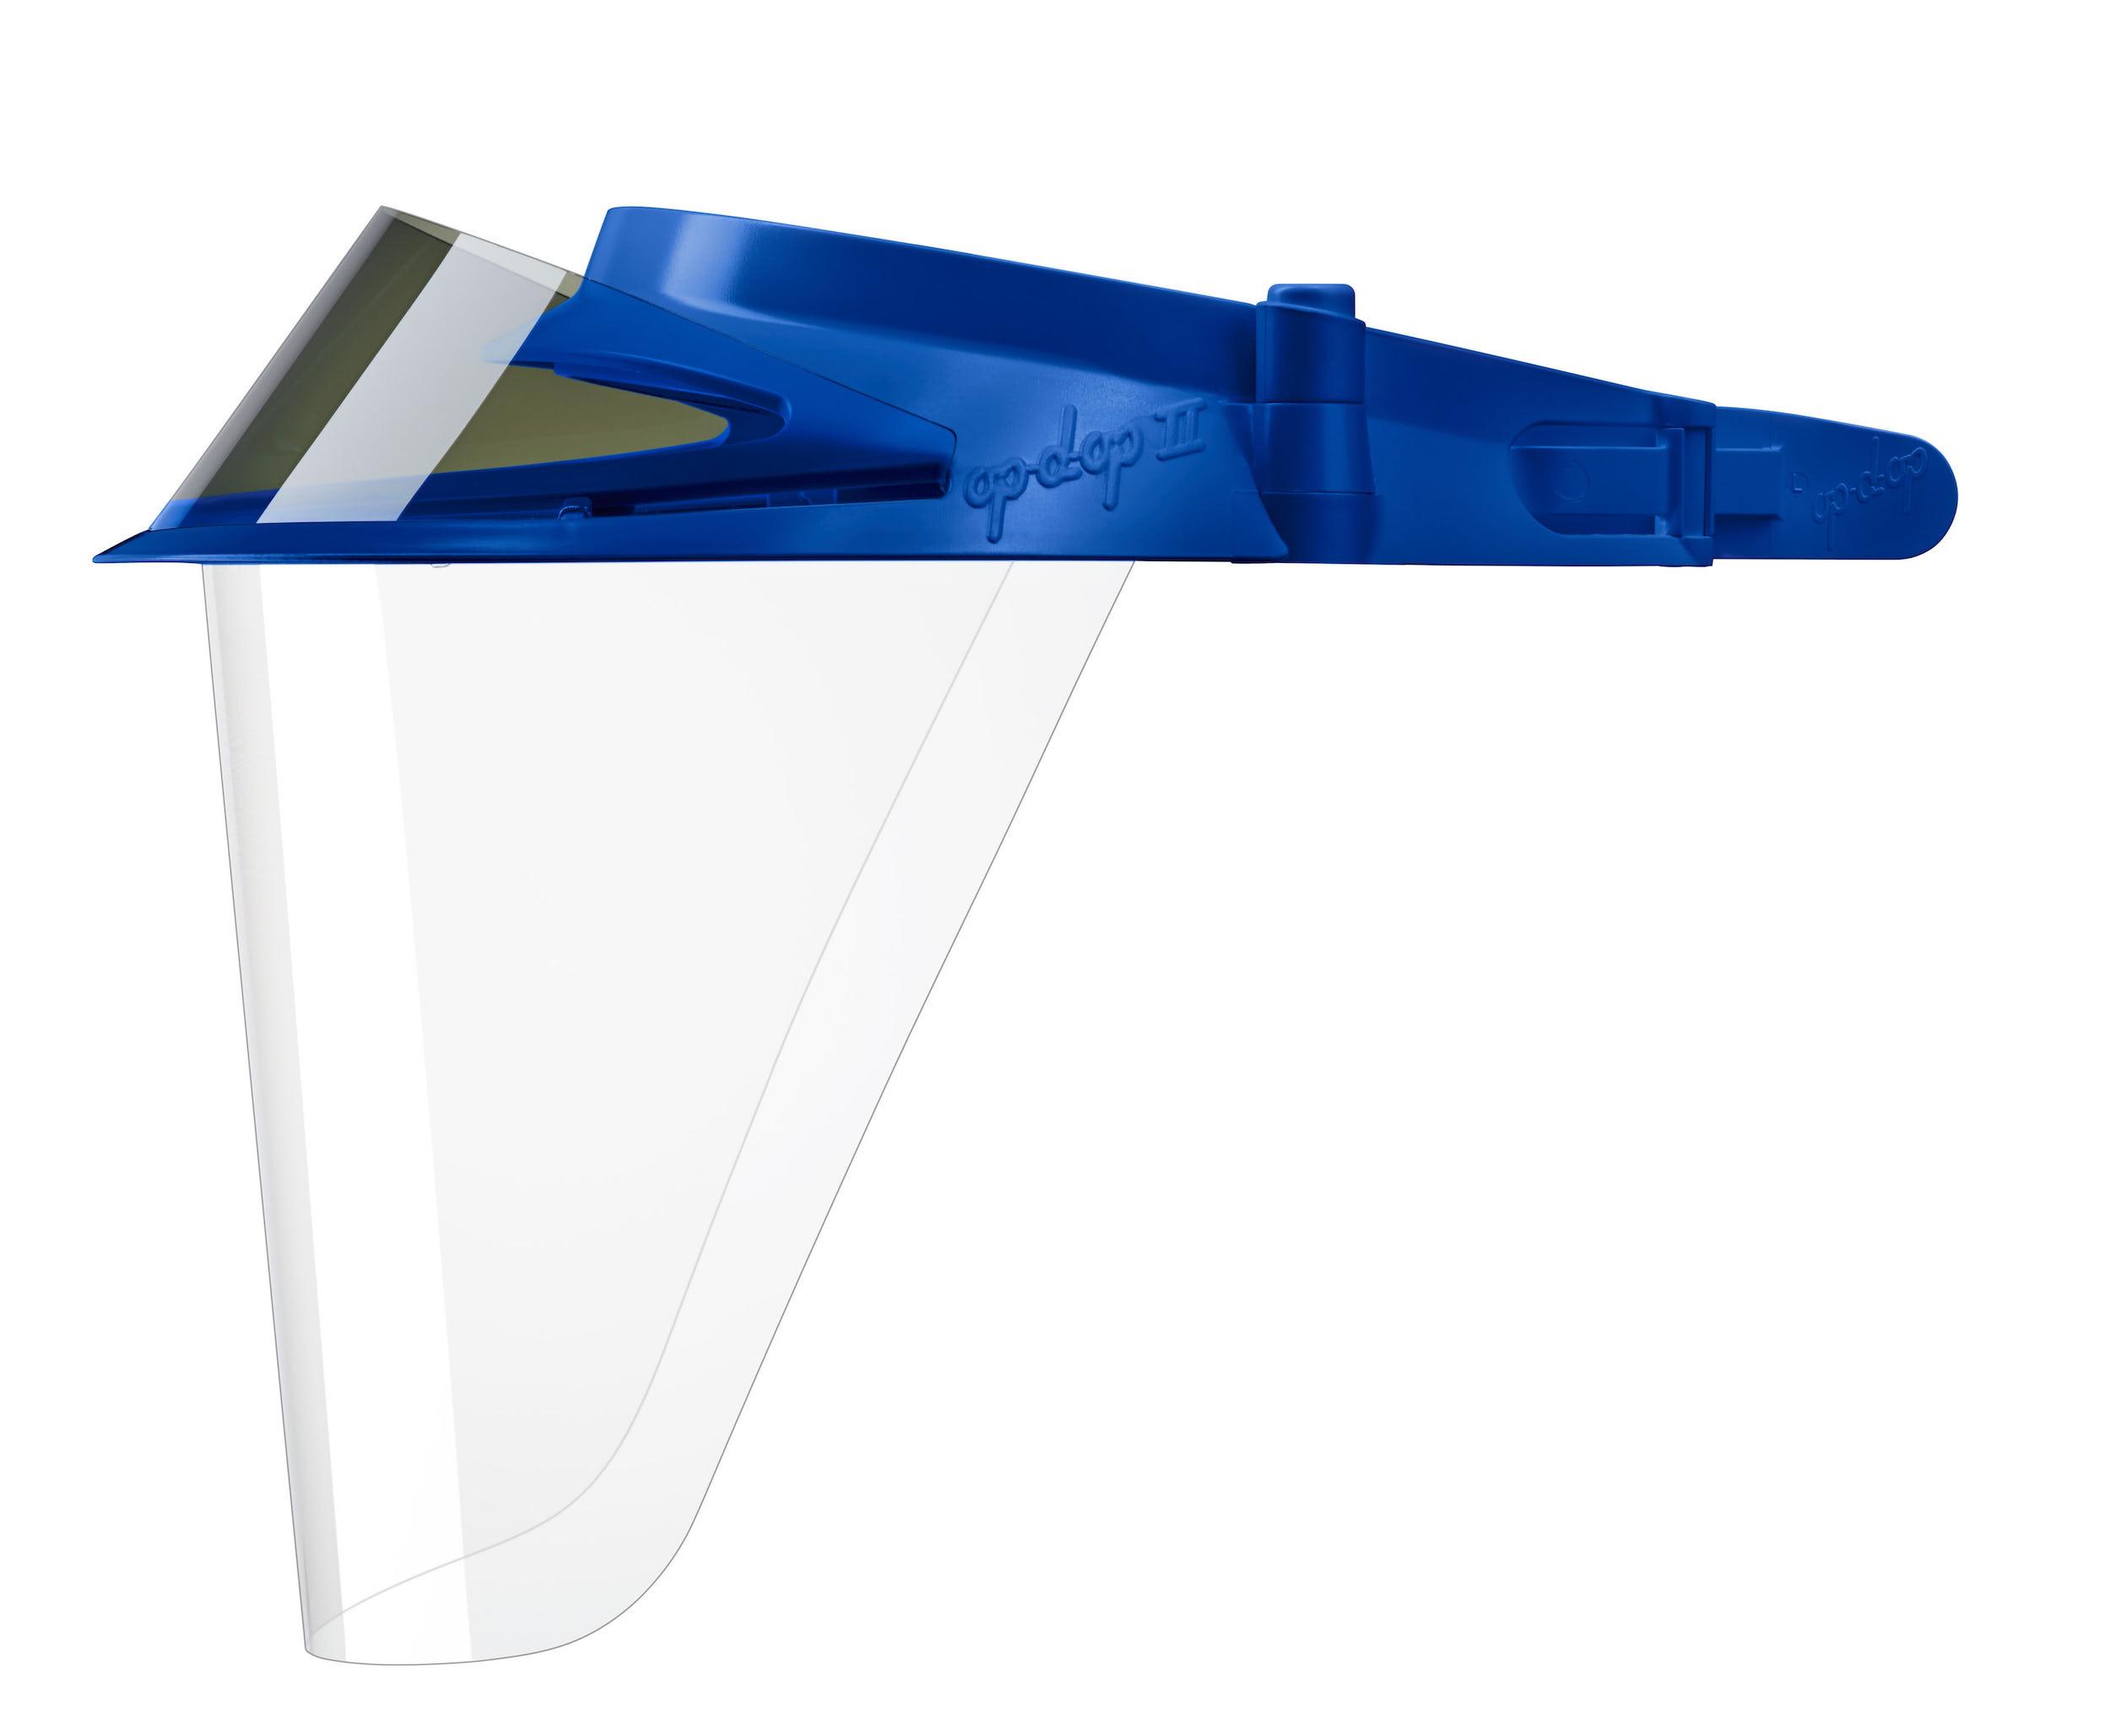 изображение Синие экраны защитные с козырьком для лица из пластмассы OP-D-OP FACE SHIELD (II)